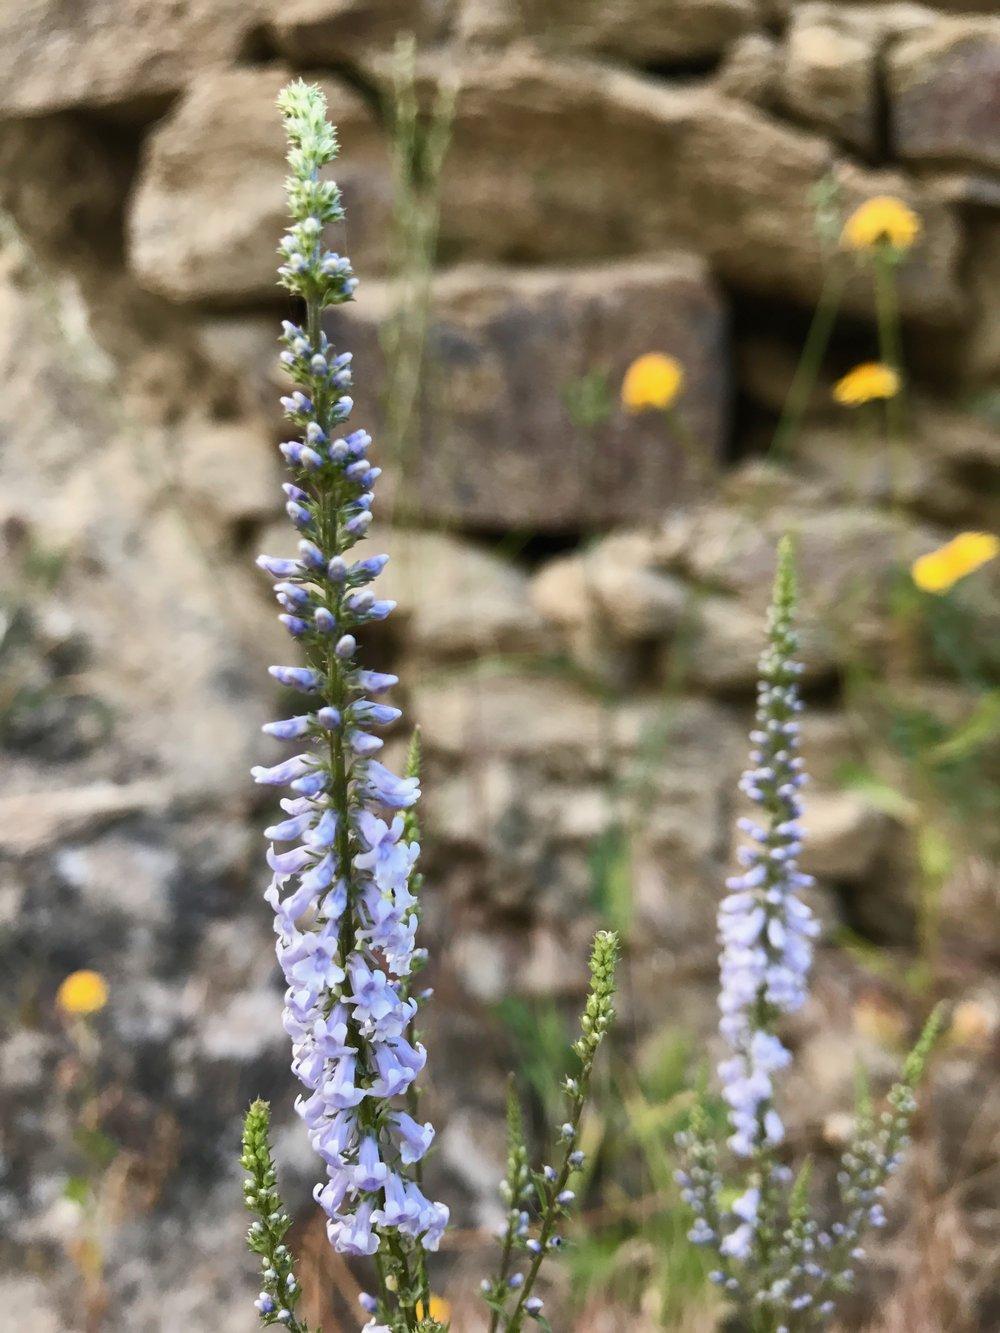 """L'Anarrhine à feuilles de Pâquerette ( a  ntirrhinum bellidifolium), un membre du genre Muflier ou Geules-de-Loup, est l'un des """"organisme modèle"""" utilisé par Darwin et Mendel dans les années 1800 pour étudier l'héritage génétique et les mutations. Elle a été cultivée depuis l'époque romaine pour ses fleurs attrayantes à symétrie bilatérale."""